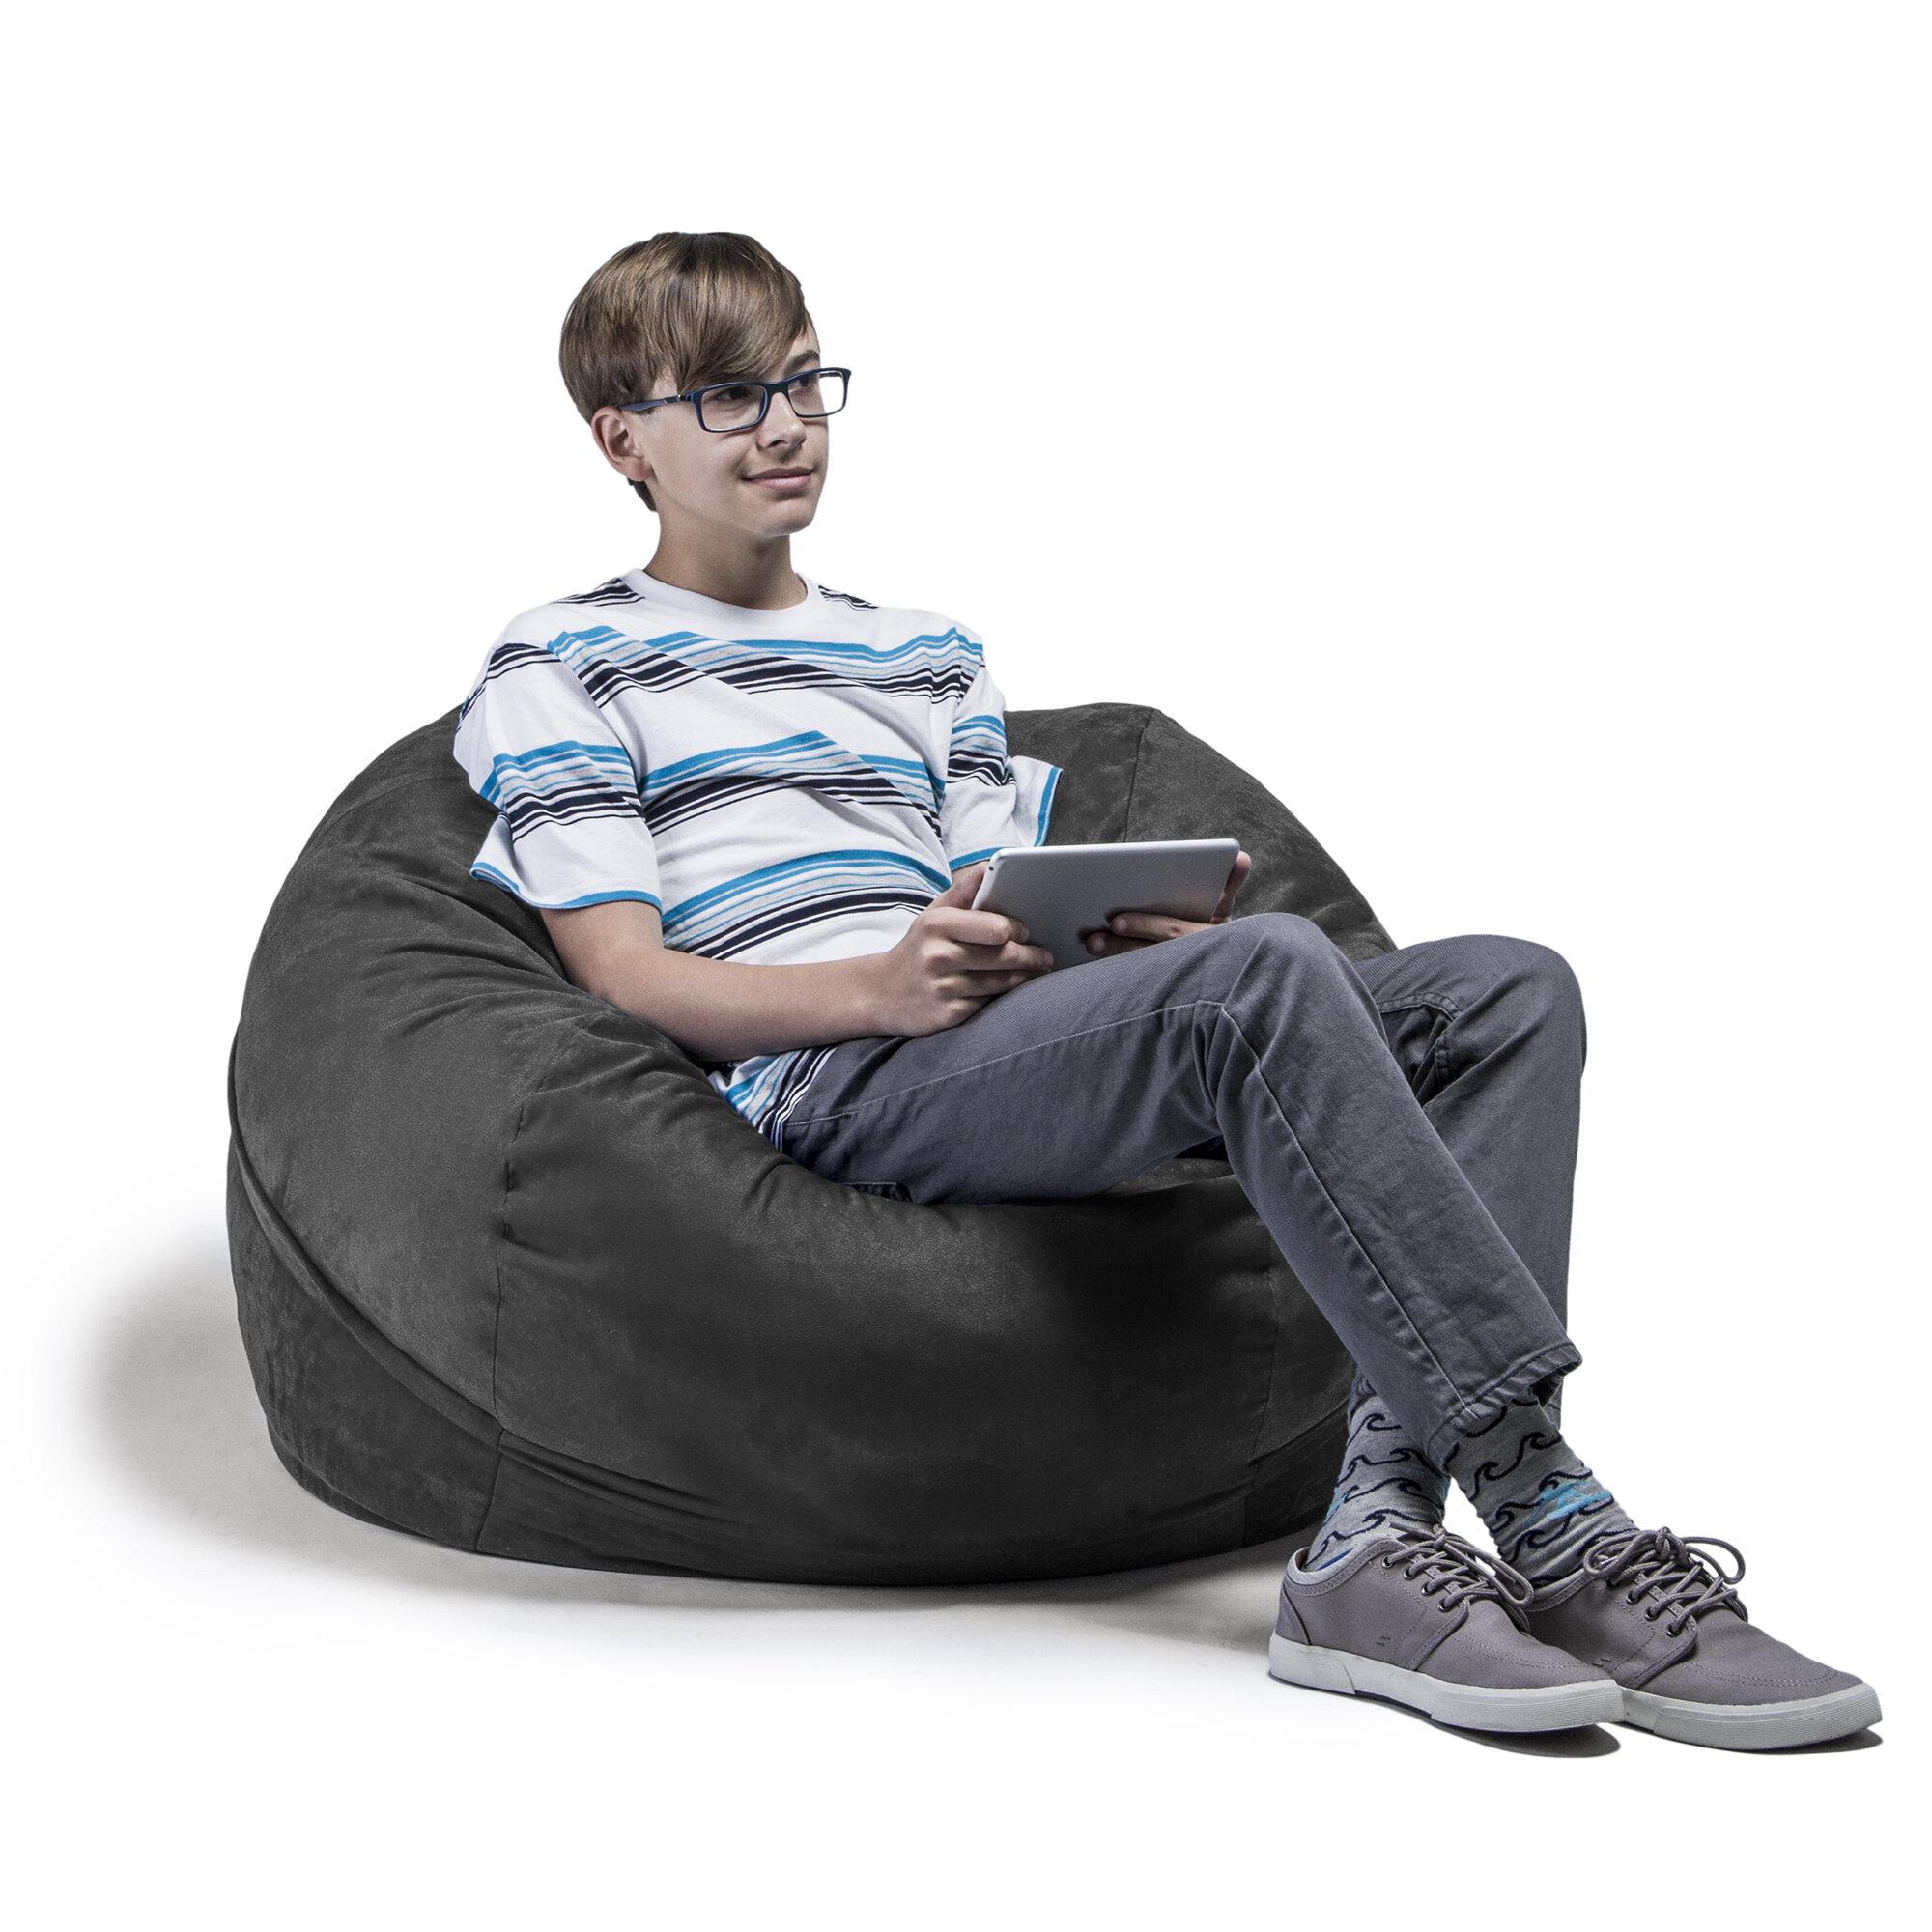 Jaxx Kids Bean Bag Chair Reviews